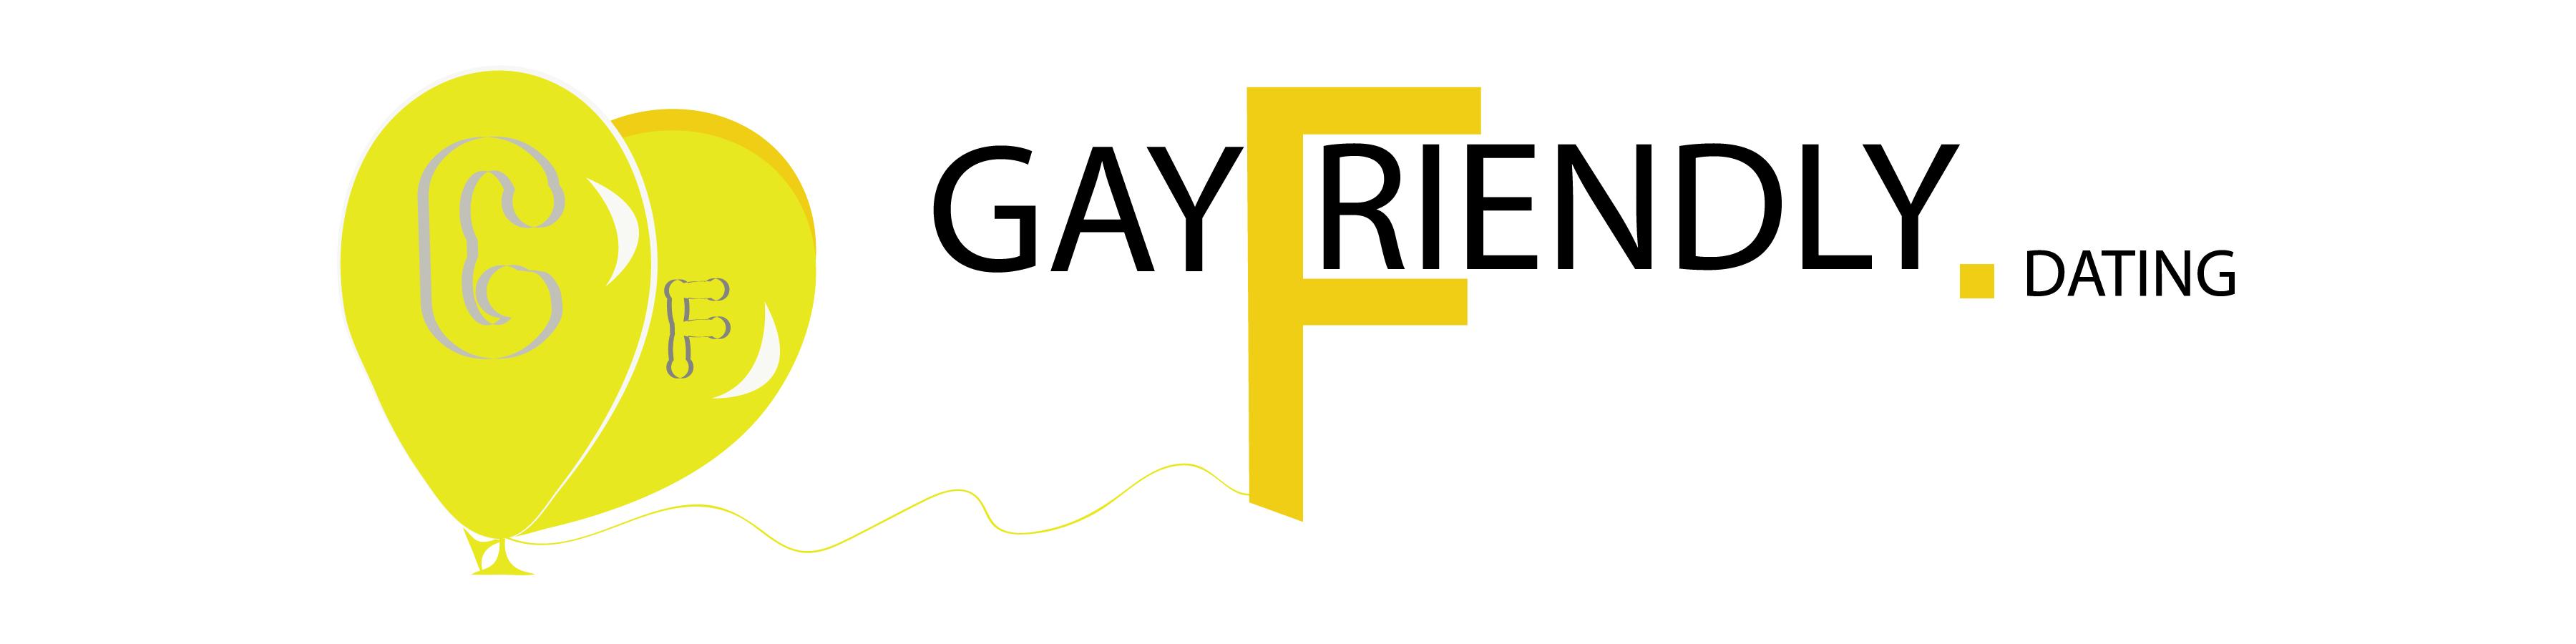 Разработать логотип для англоязычн. сайта знакомств для геев фото f_3415b4489e1d8a91.jpg